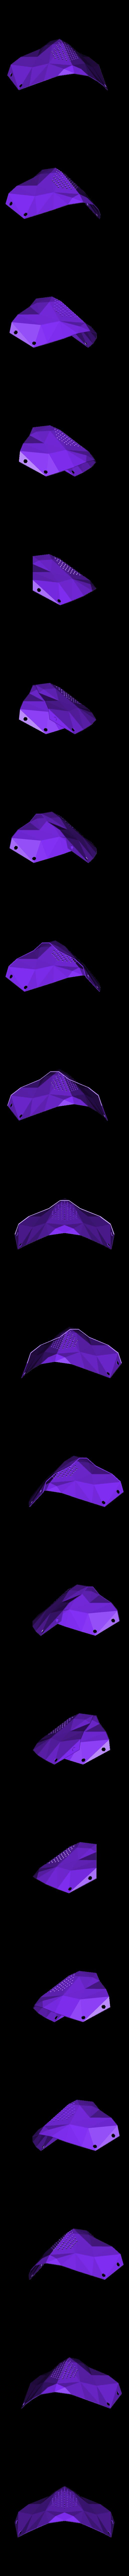 Low Poly Mask - Medium.STL Download STL file Low Poly Masks • 3D printer model, biglildesign